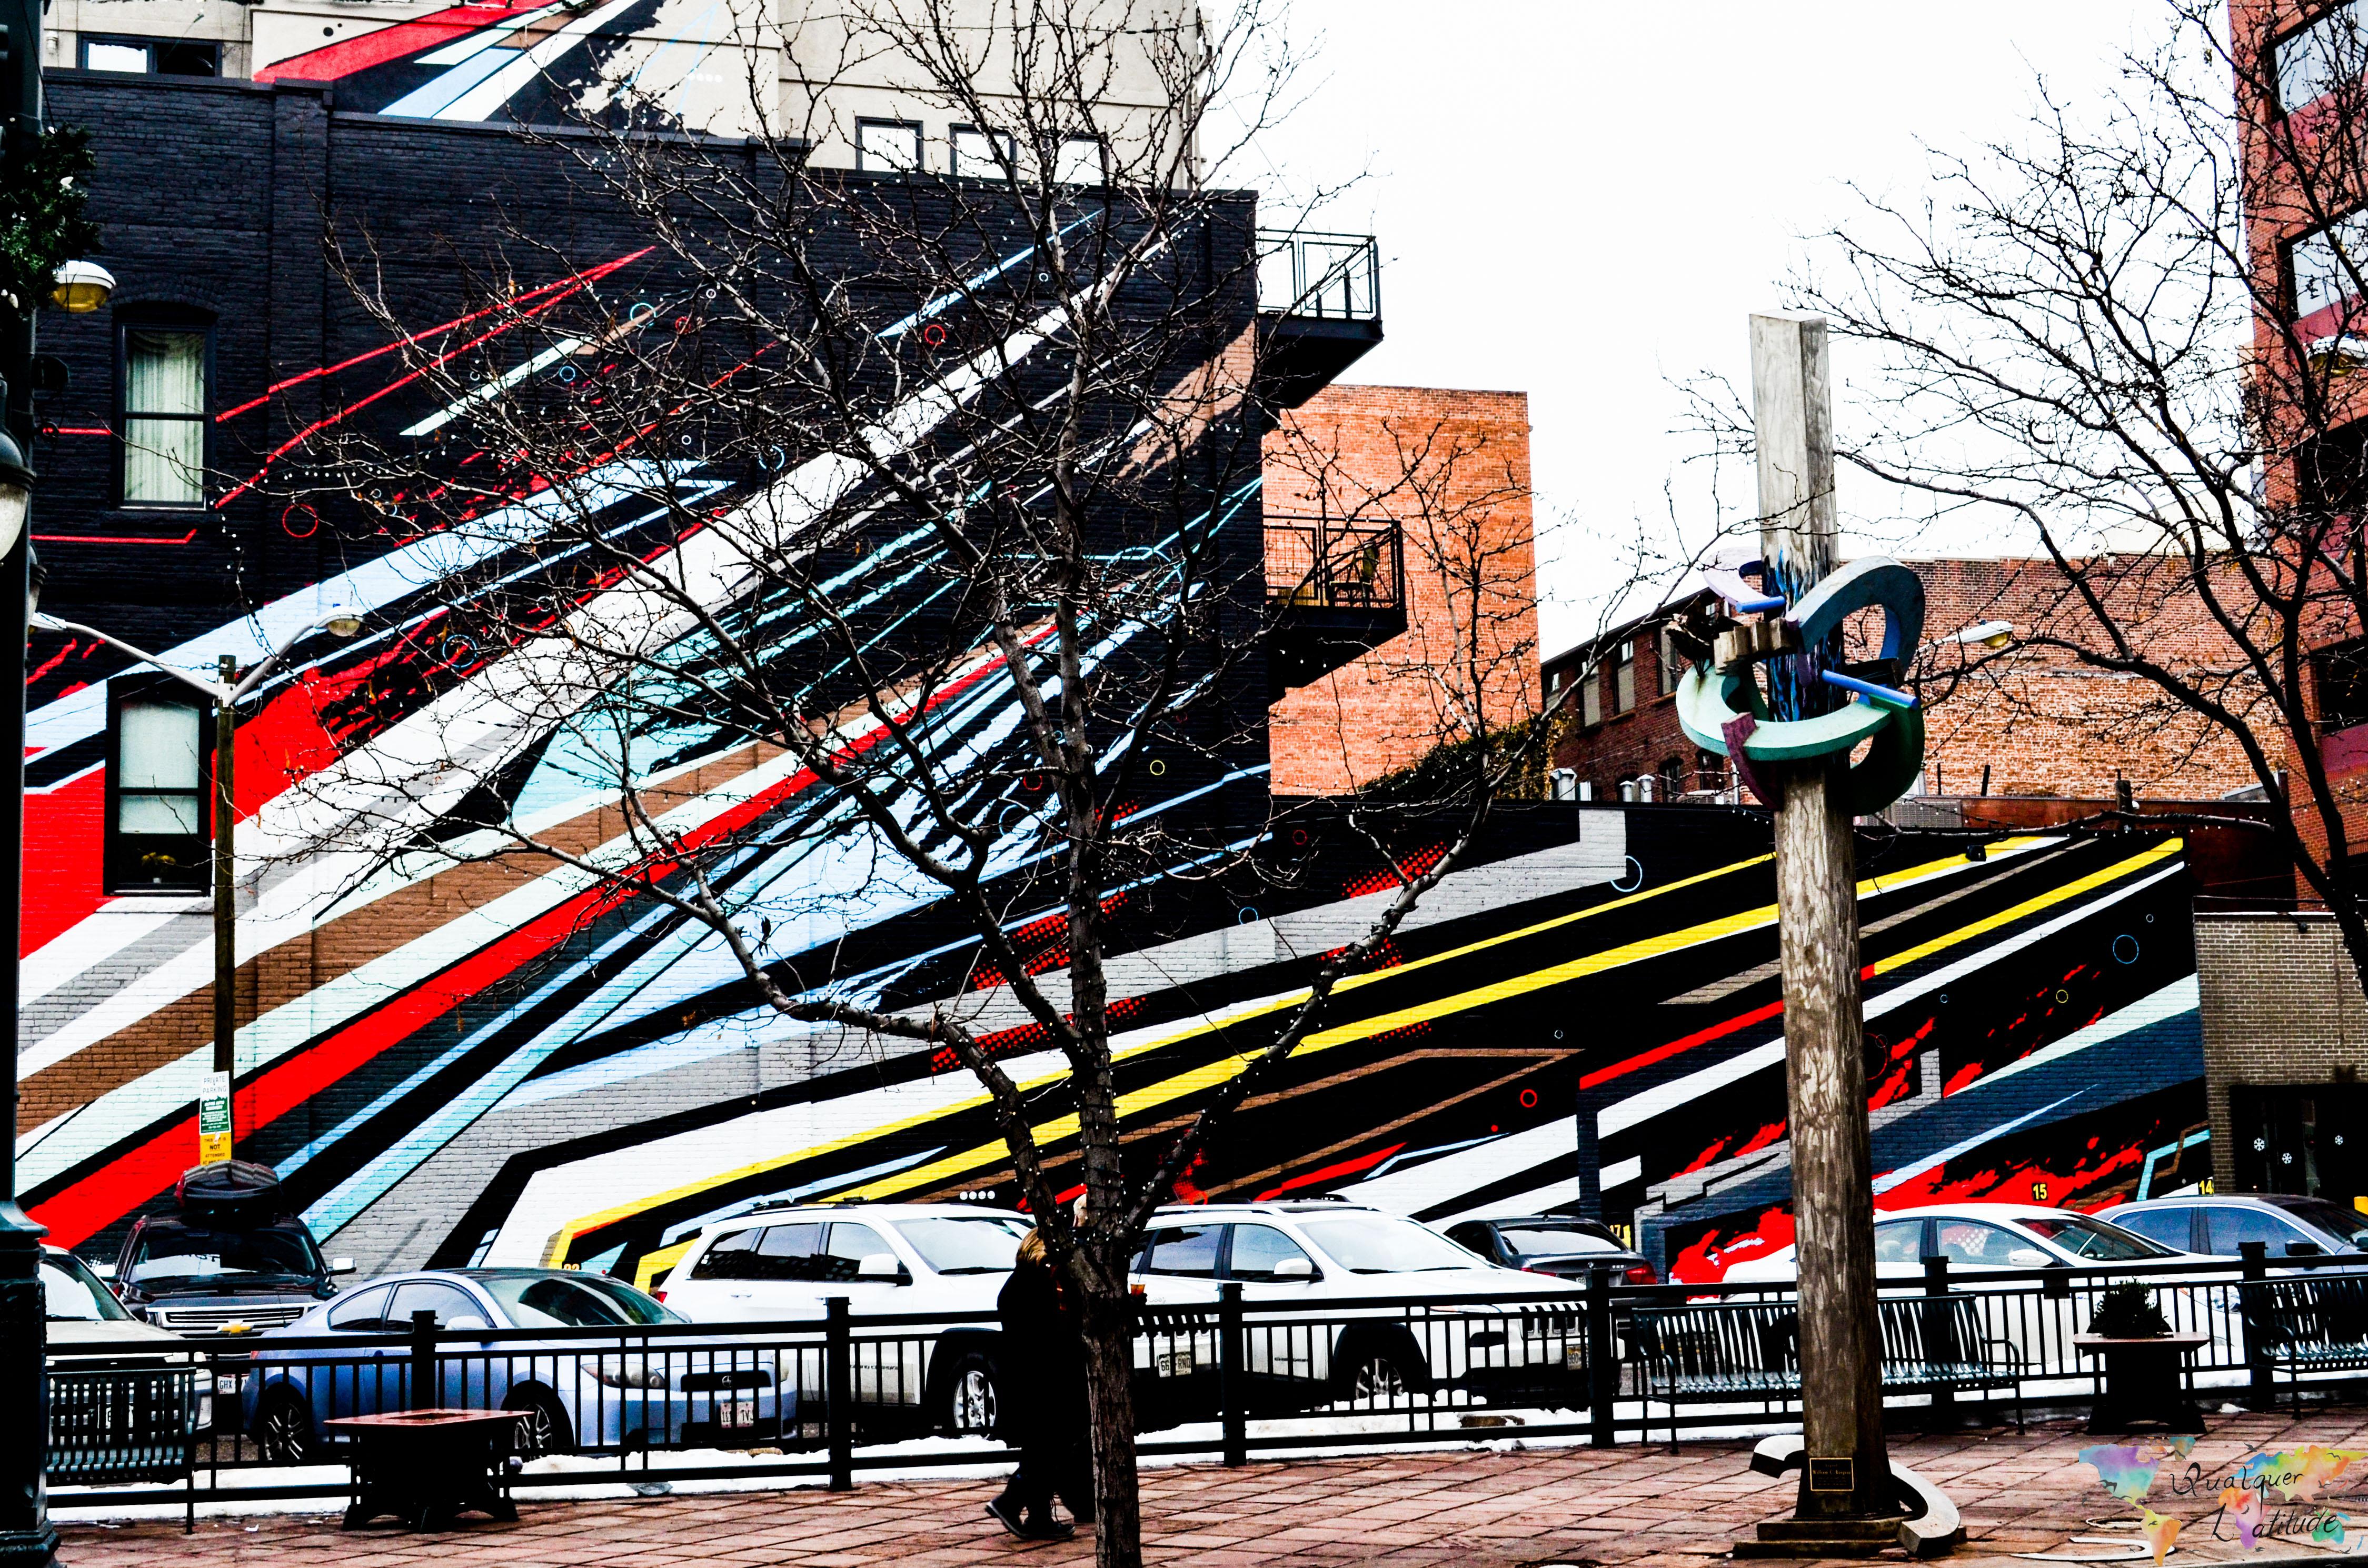 street art denver (1 of 8)